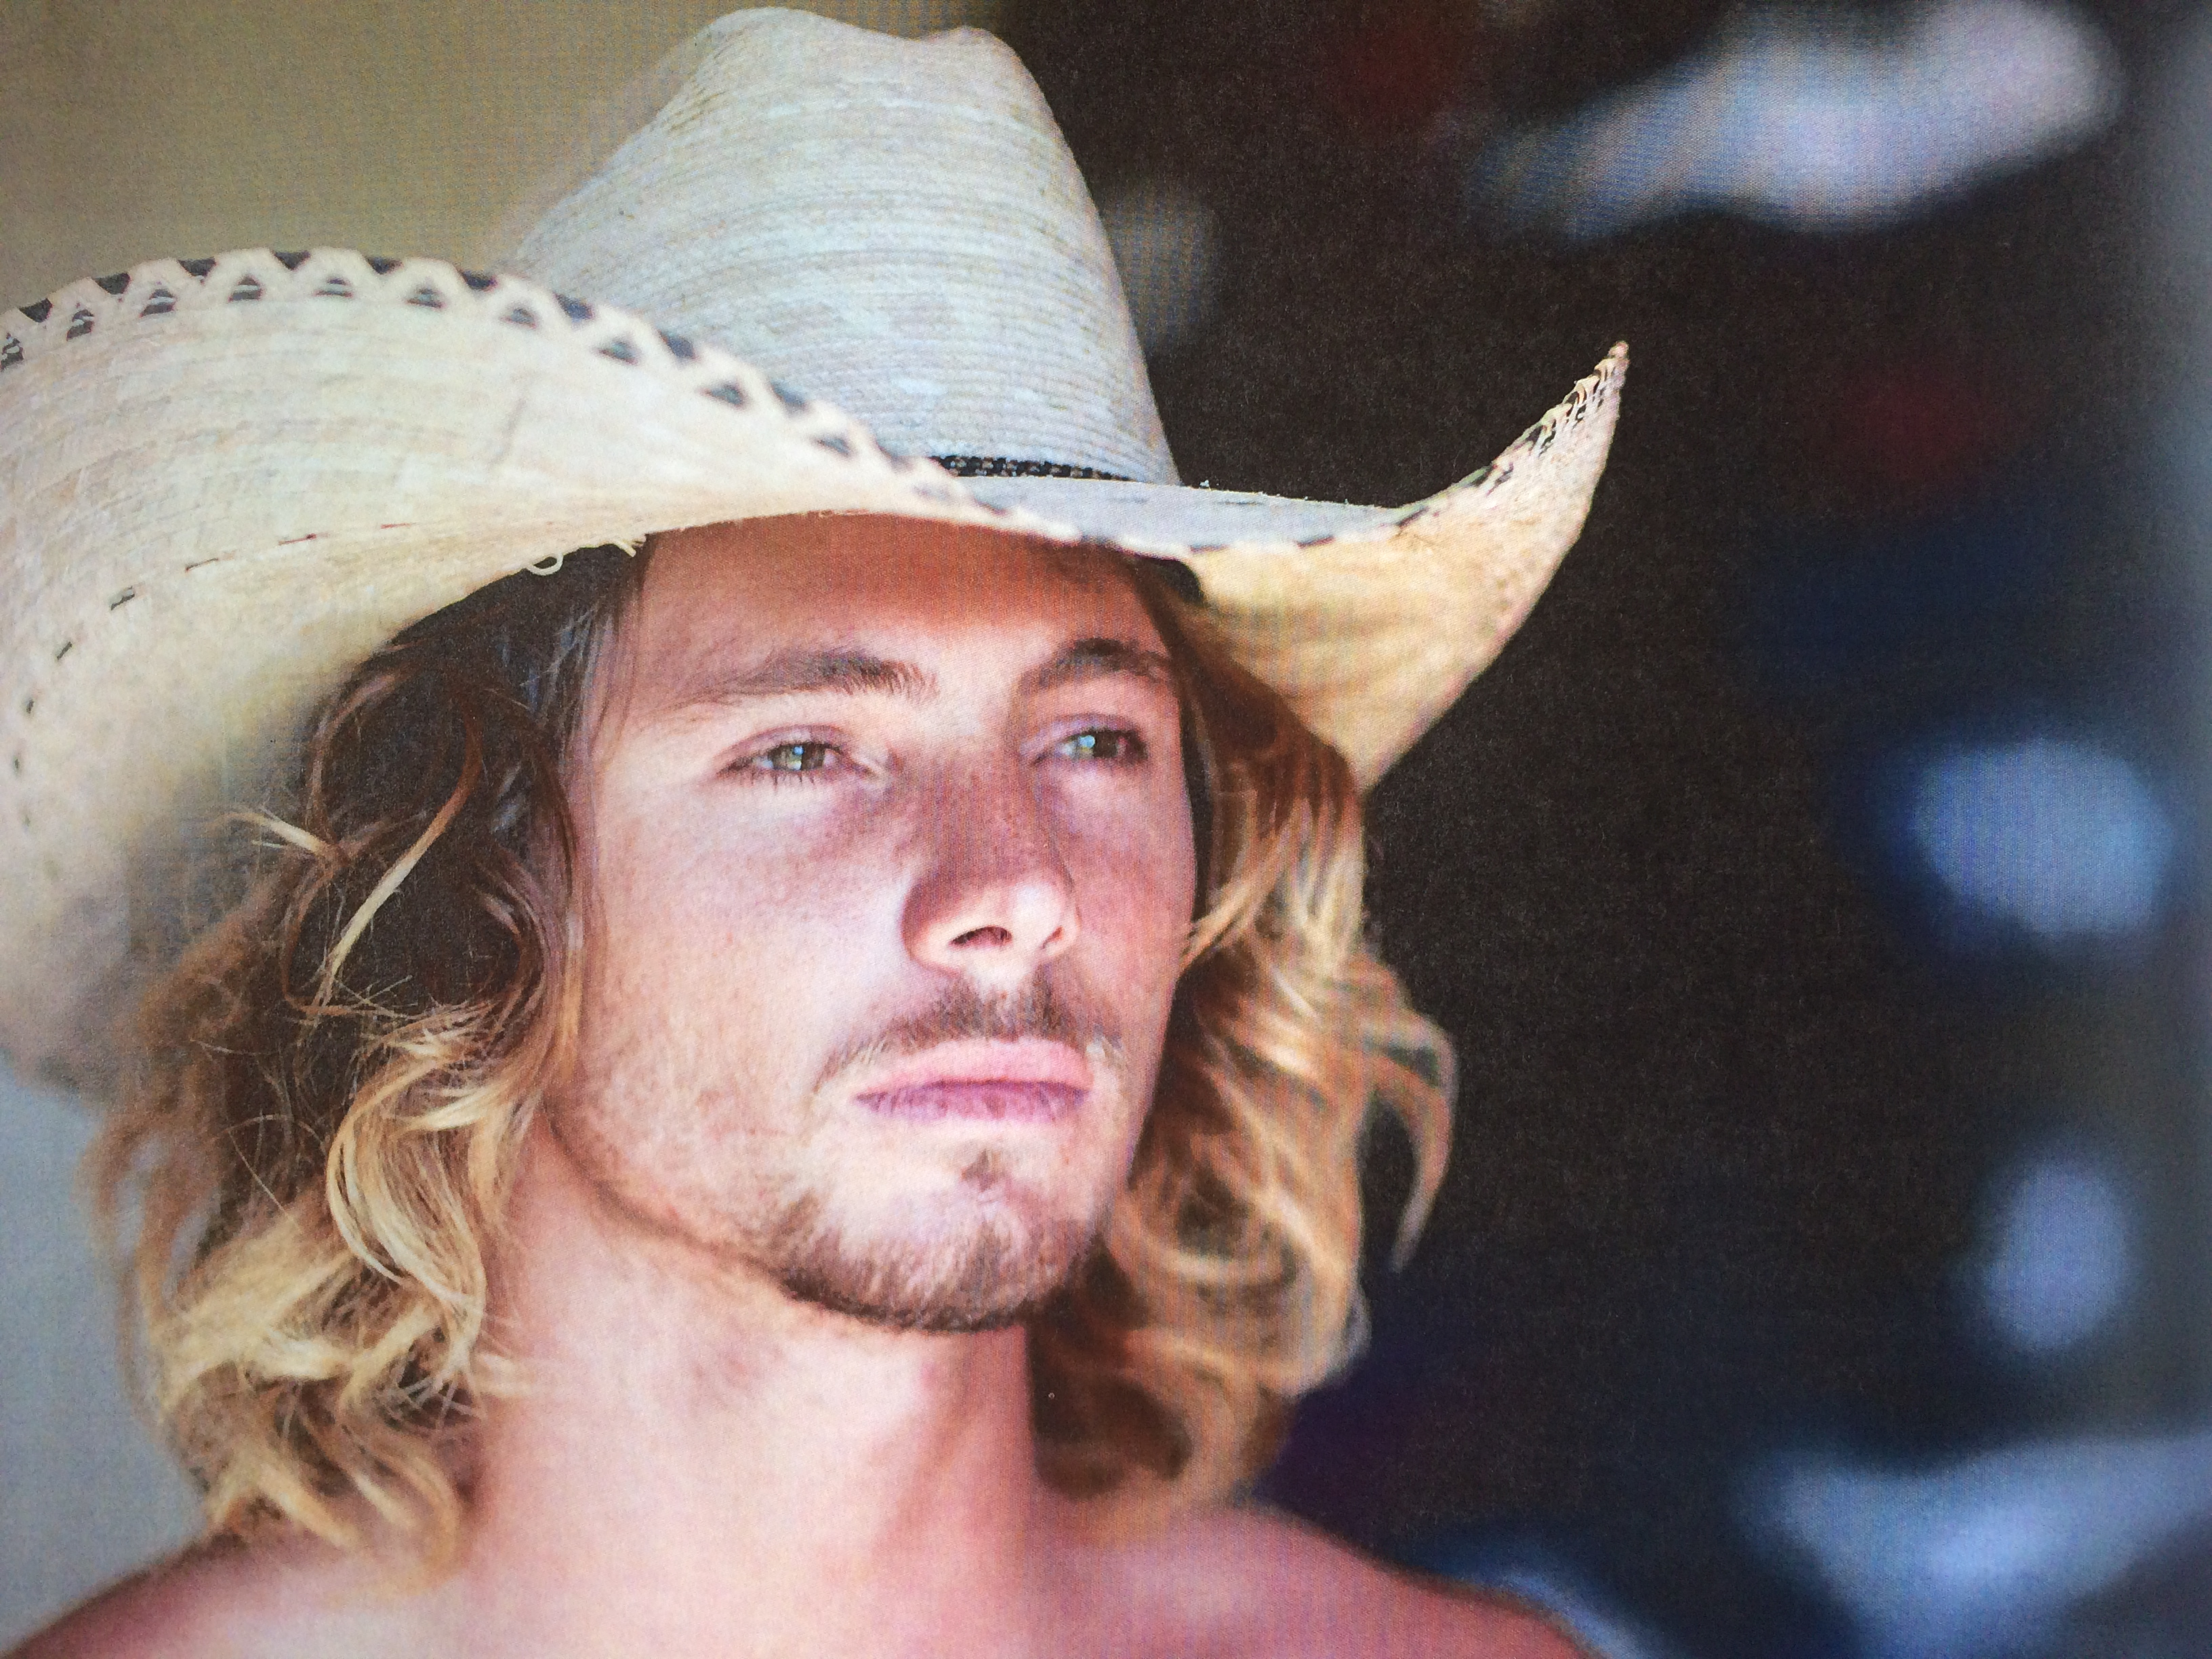 Matt Meola pro surfer